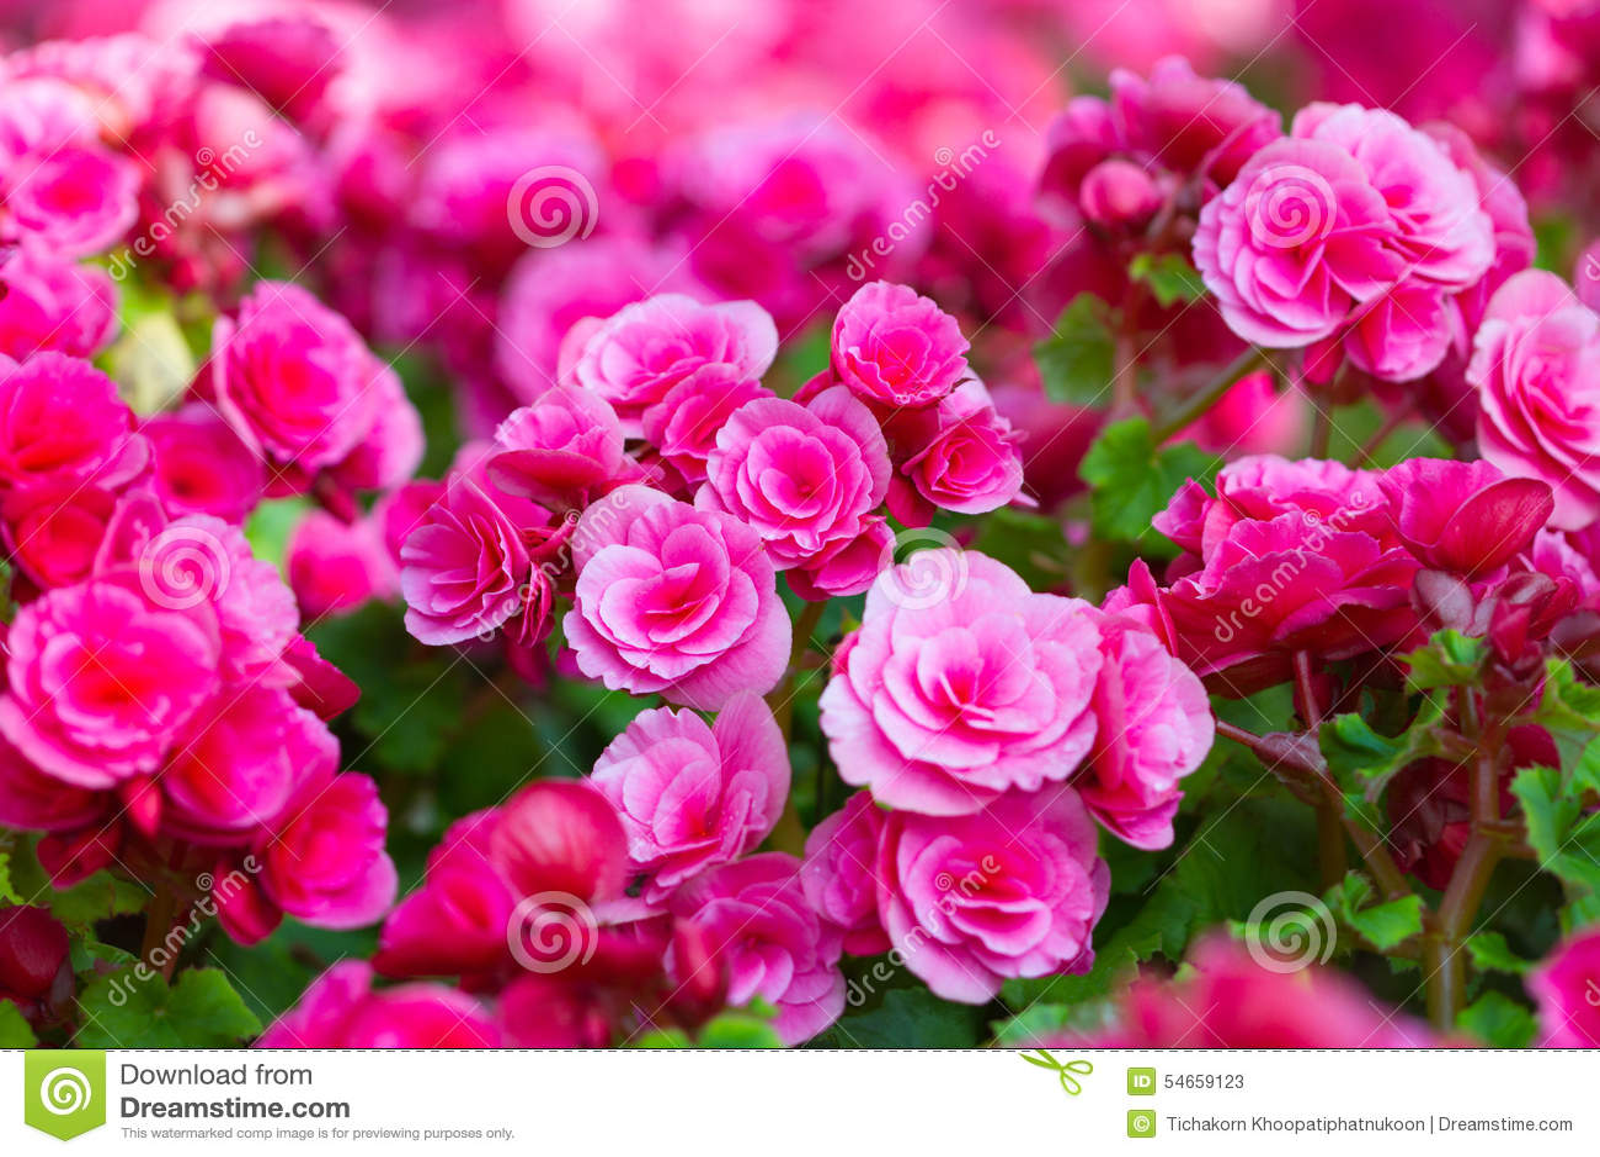 beautiful background of flowers big begonias stock photo image